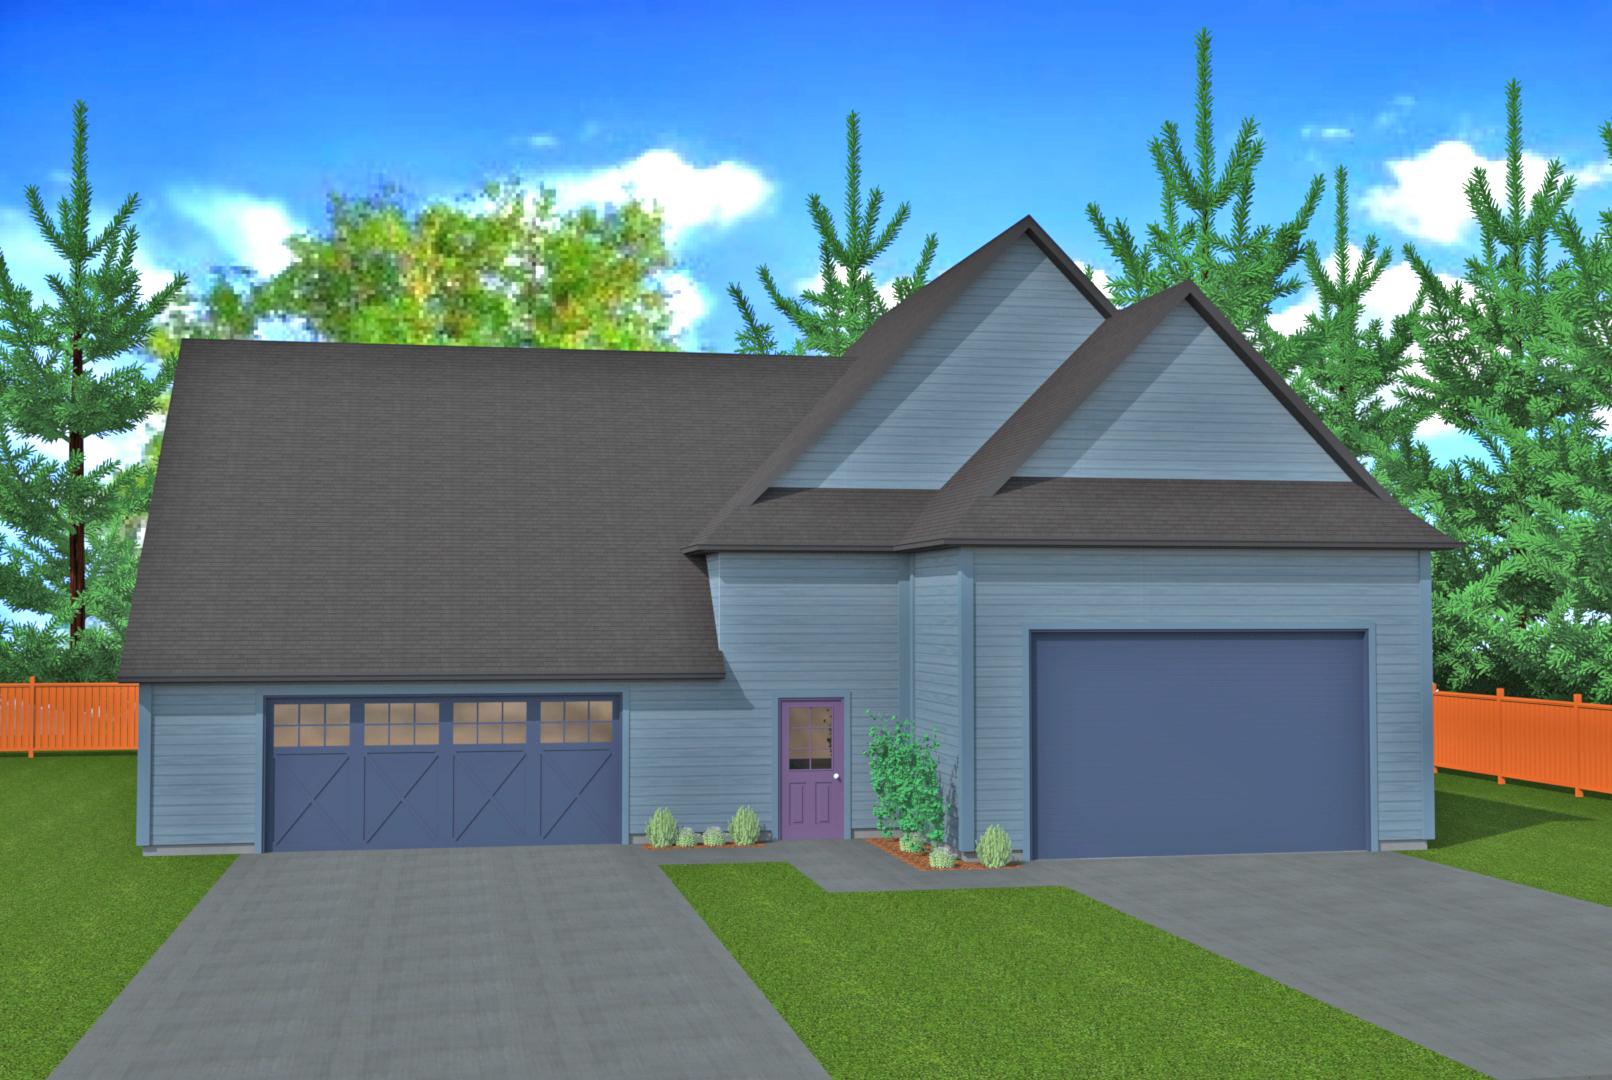 timbermart_garage_exterior